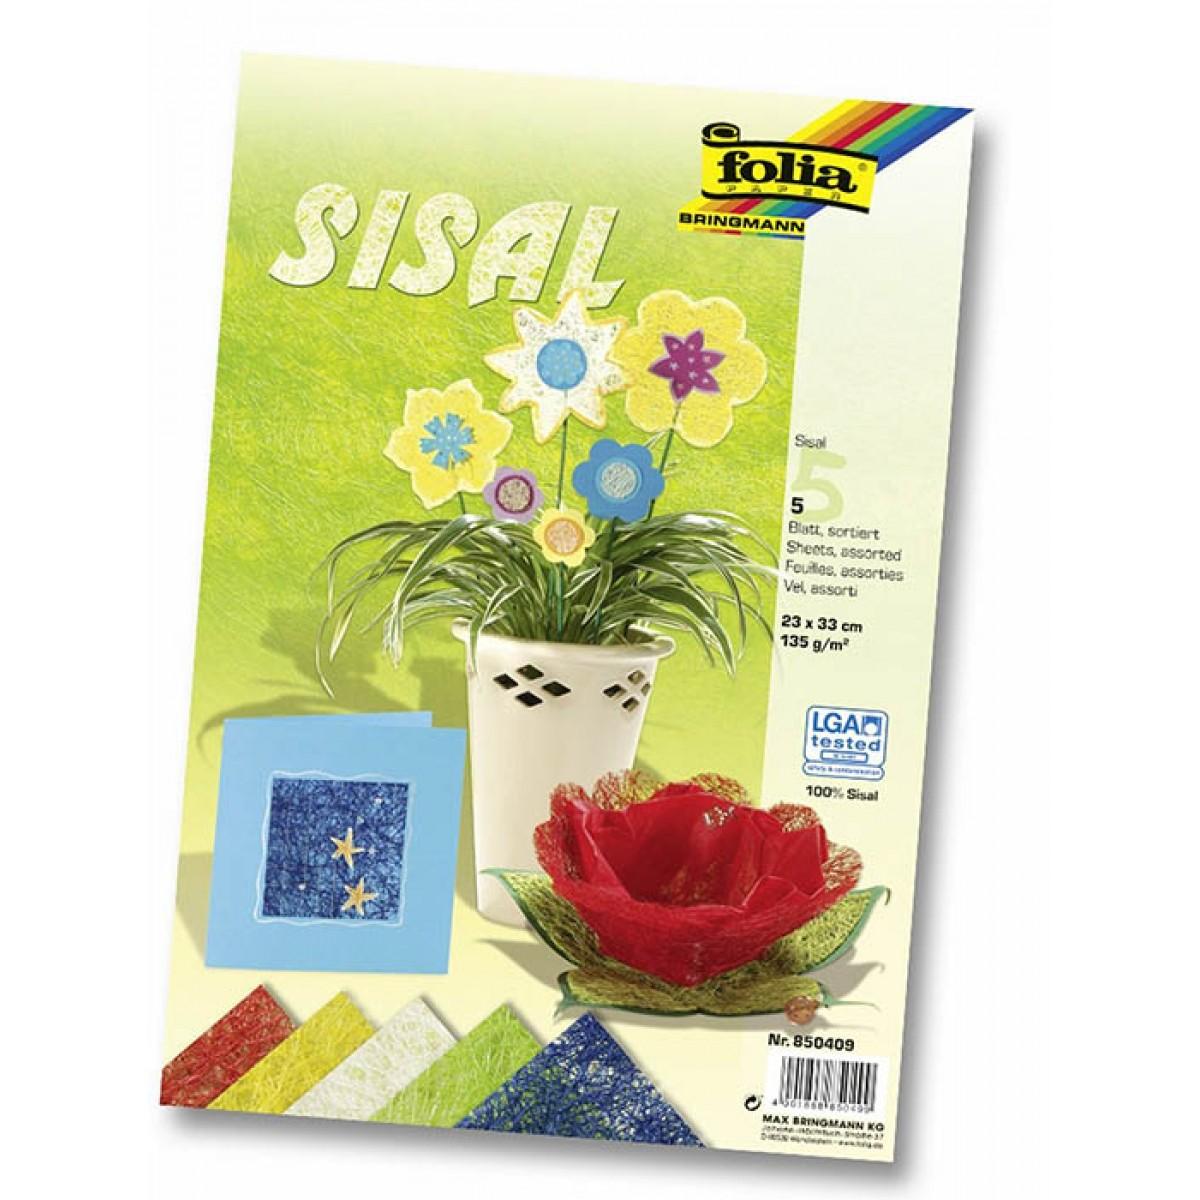 Χαρτί Σισάλ Διάφορα Χρώματα Χαρτιά